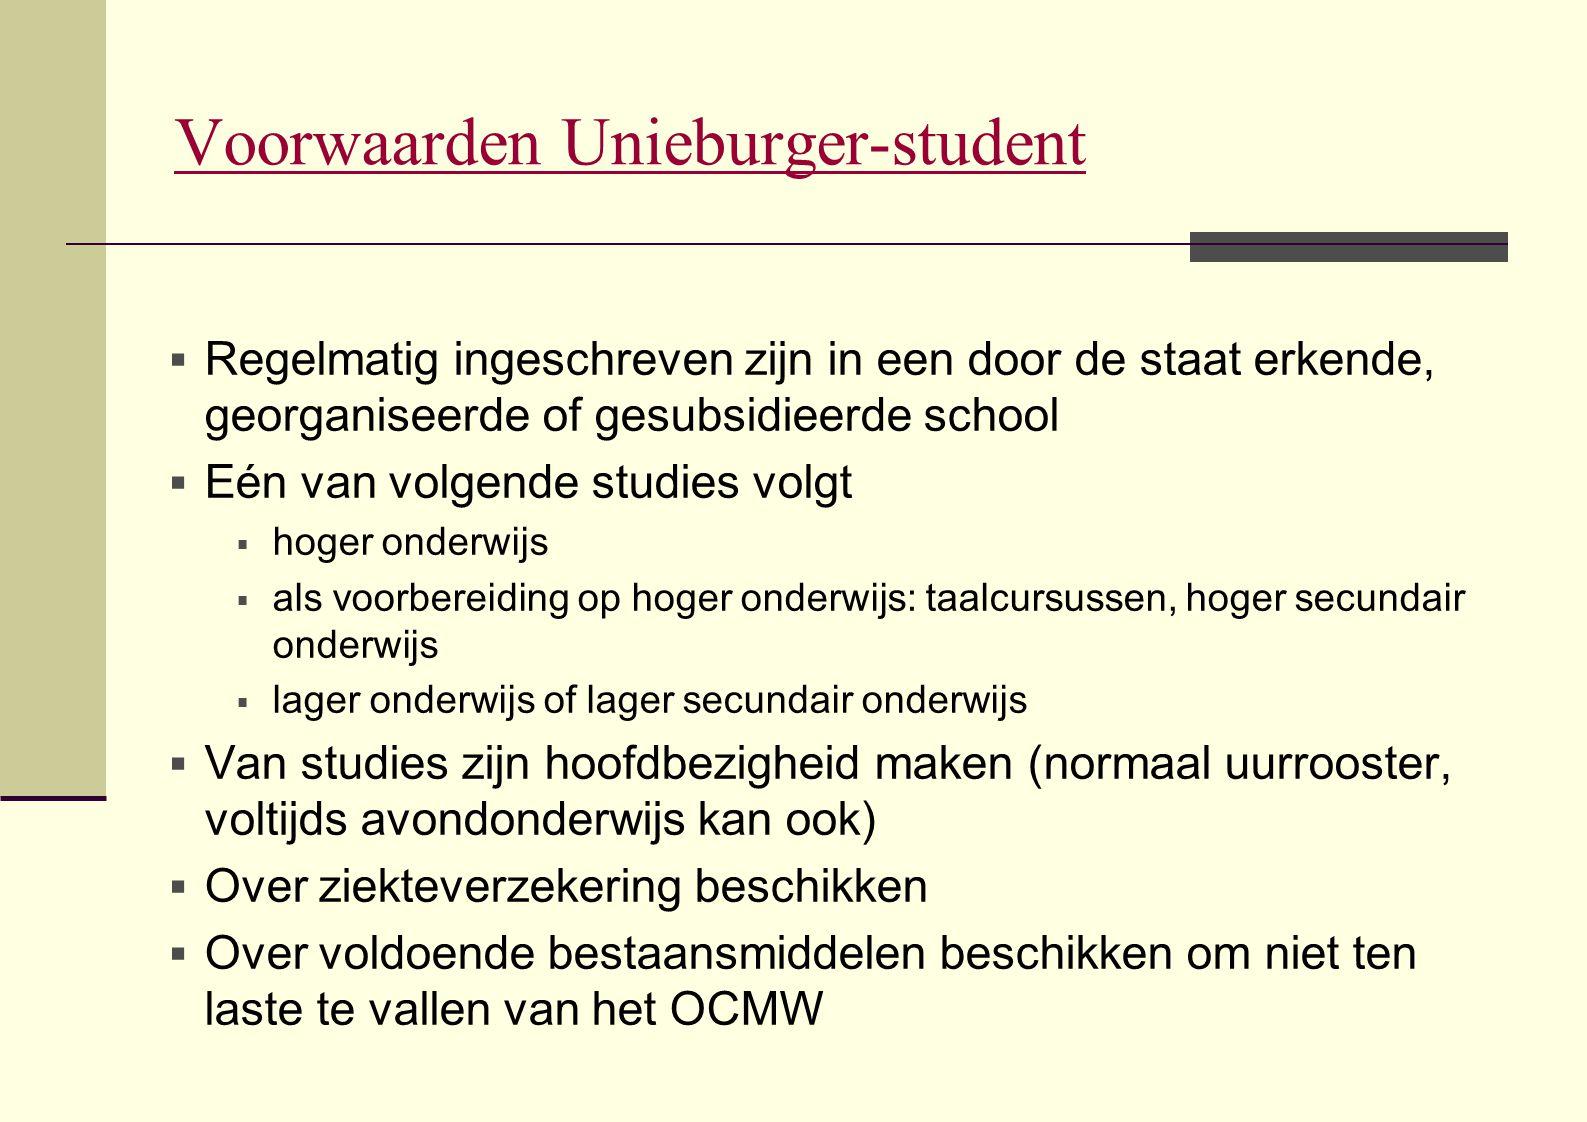 Voorwaarden Unieburger-student